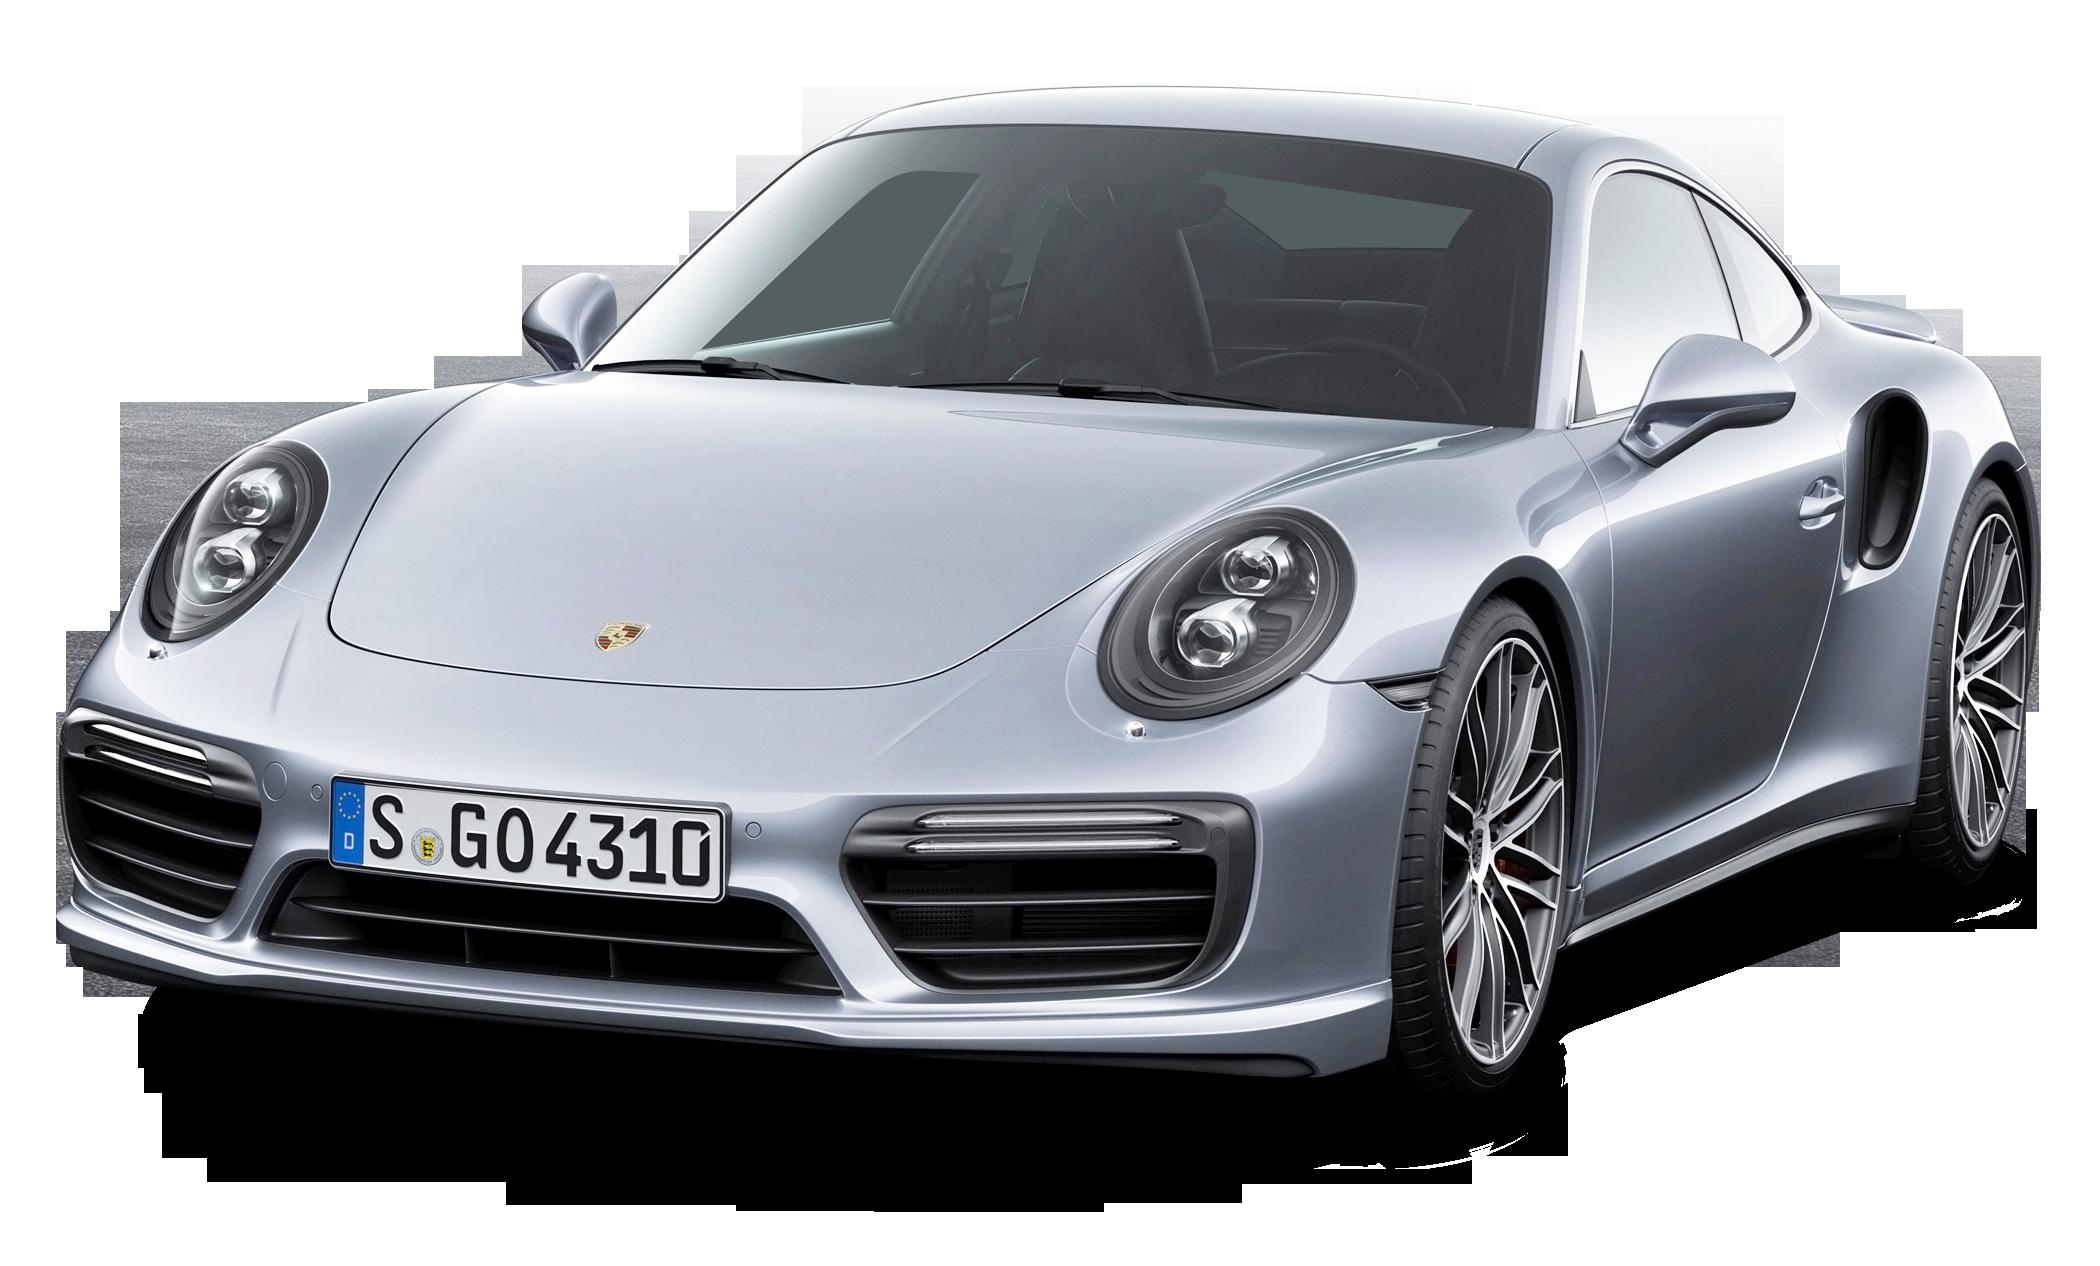 Porsche 911 Turbo Silver Car PNG Image - Porsche PNG